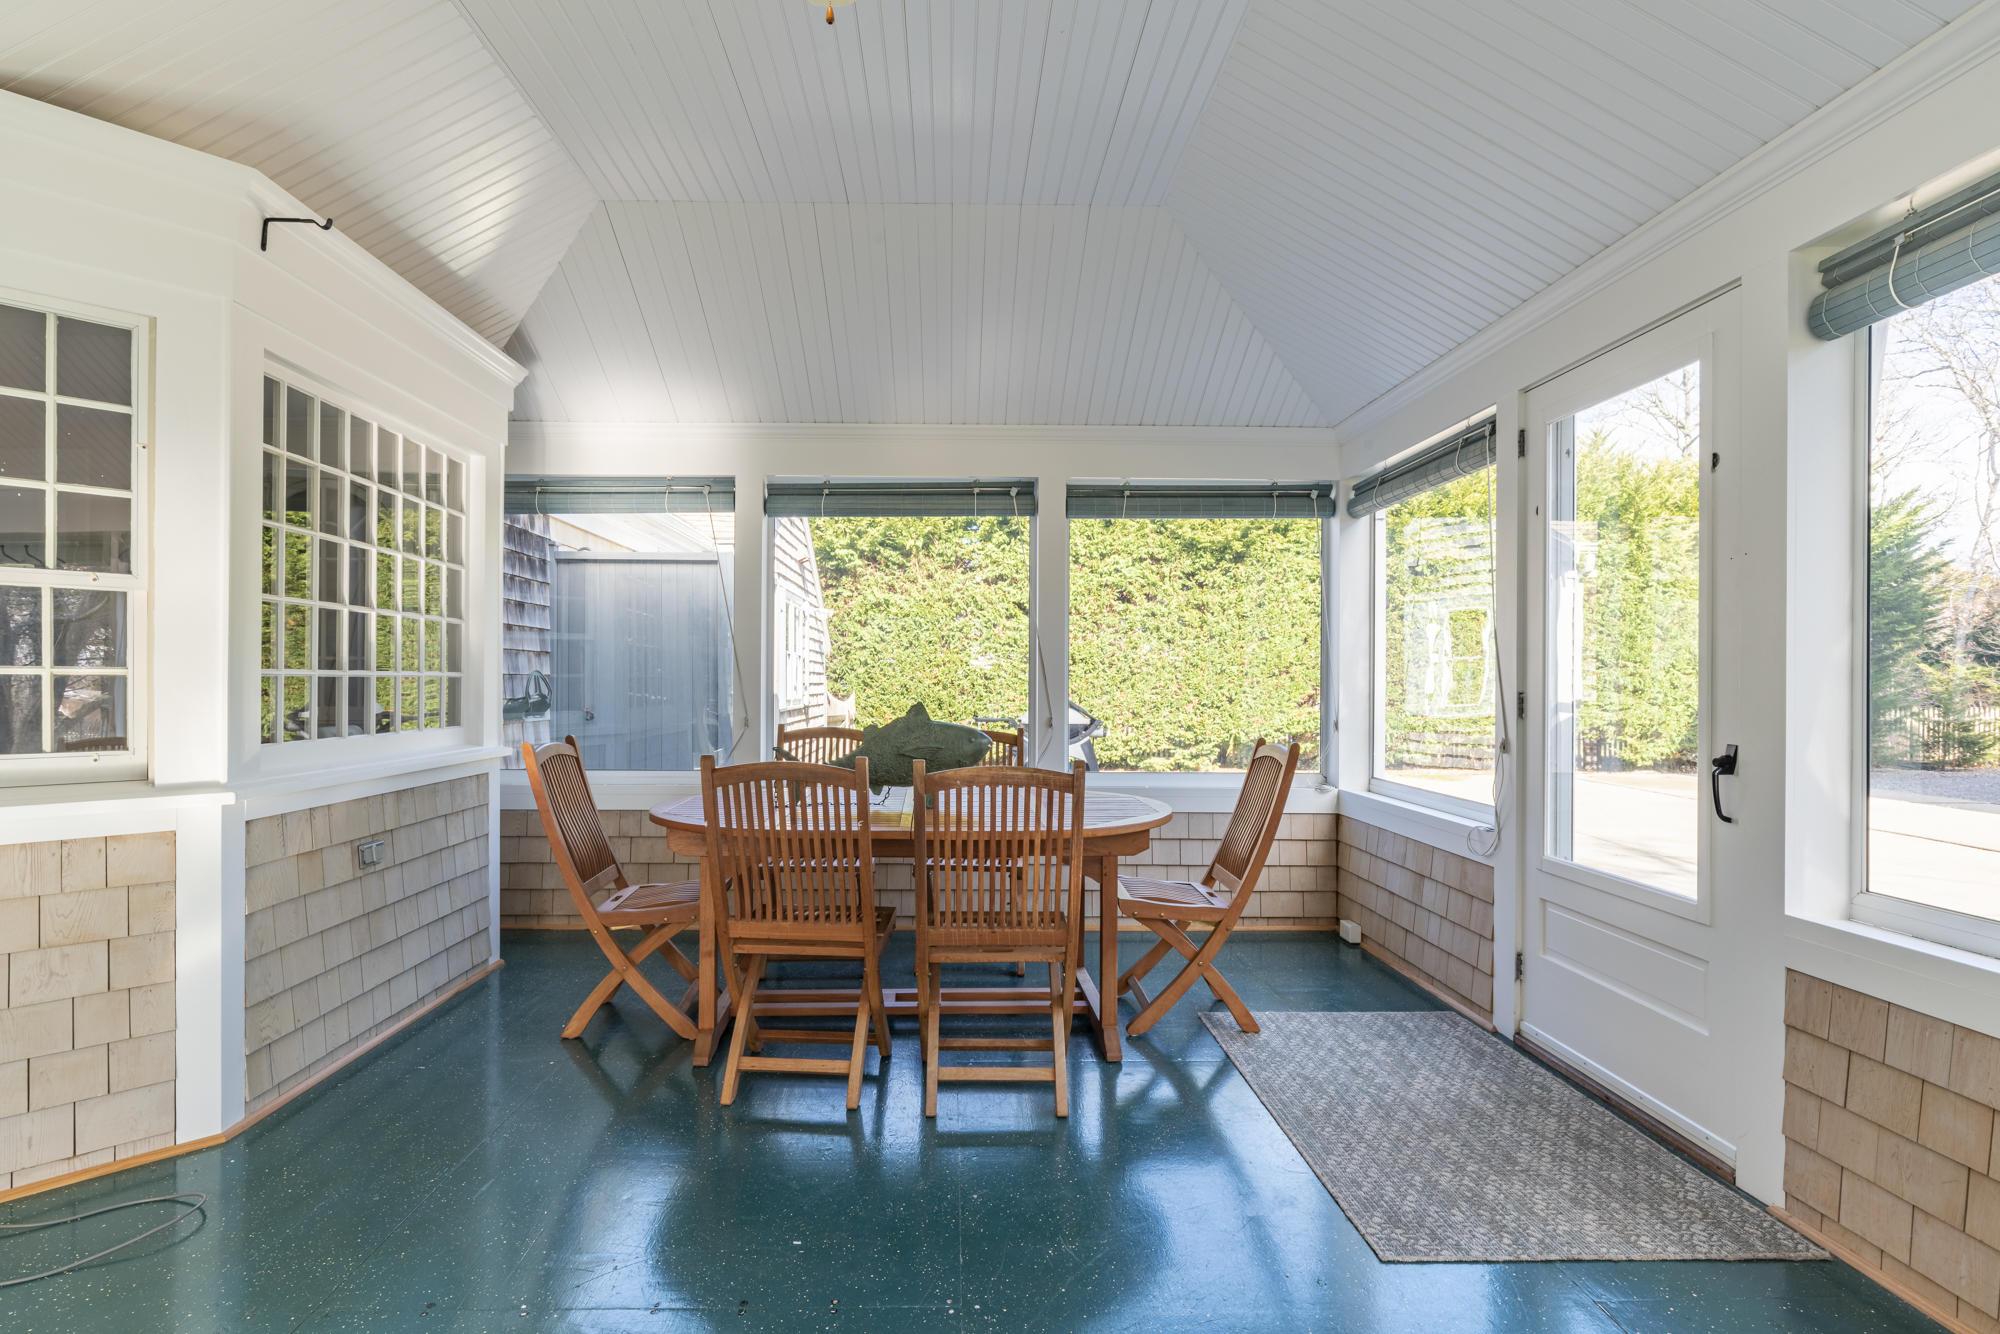 21 Bee Lane, Chatham MA, 02633 - slide 32